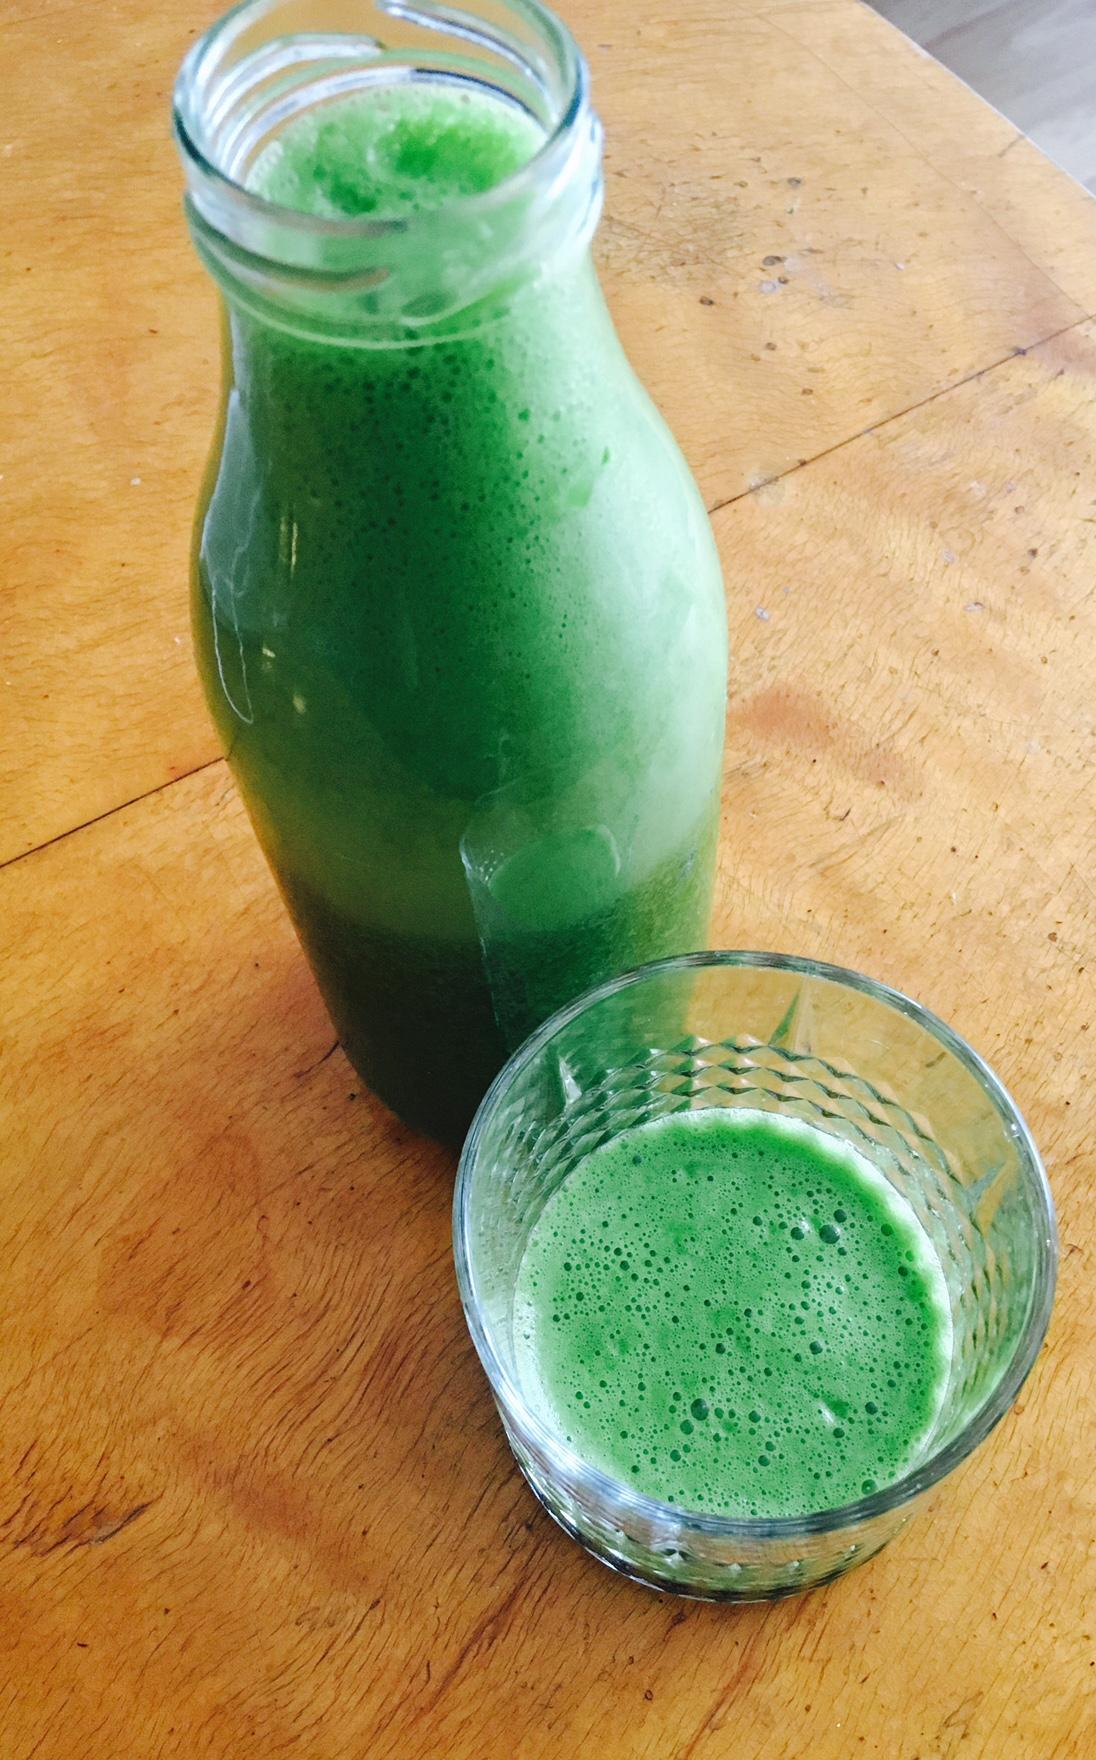 Slik lager du grønn juice uten juicemaskin